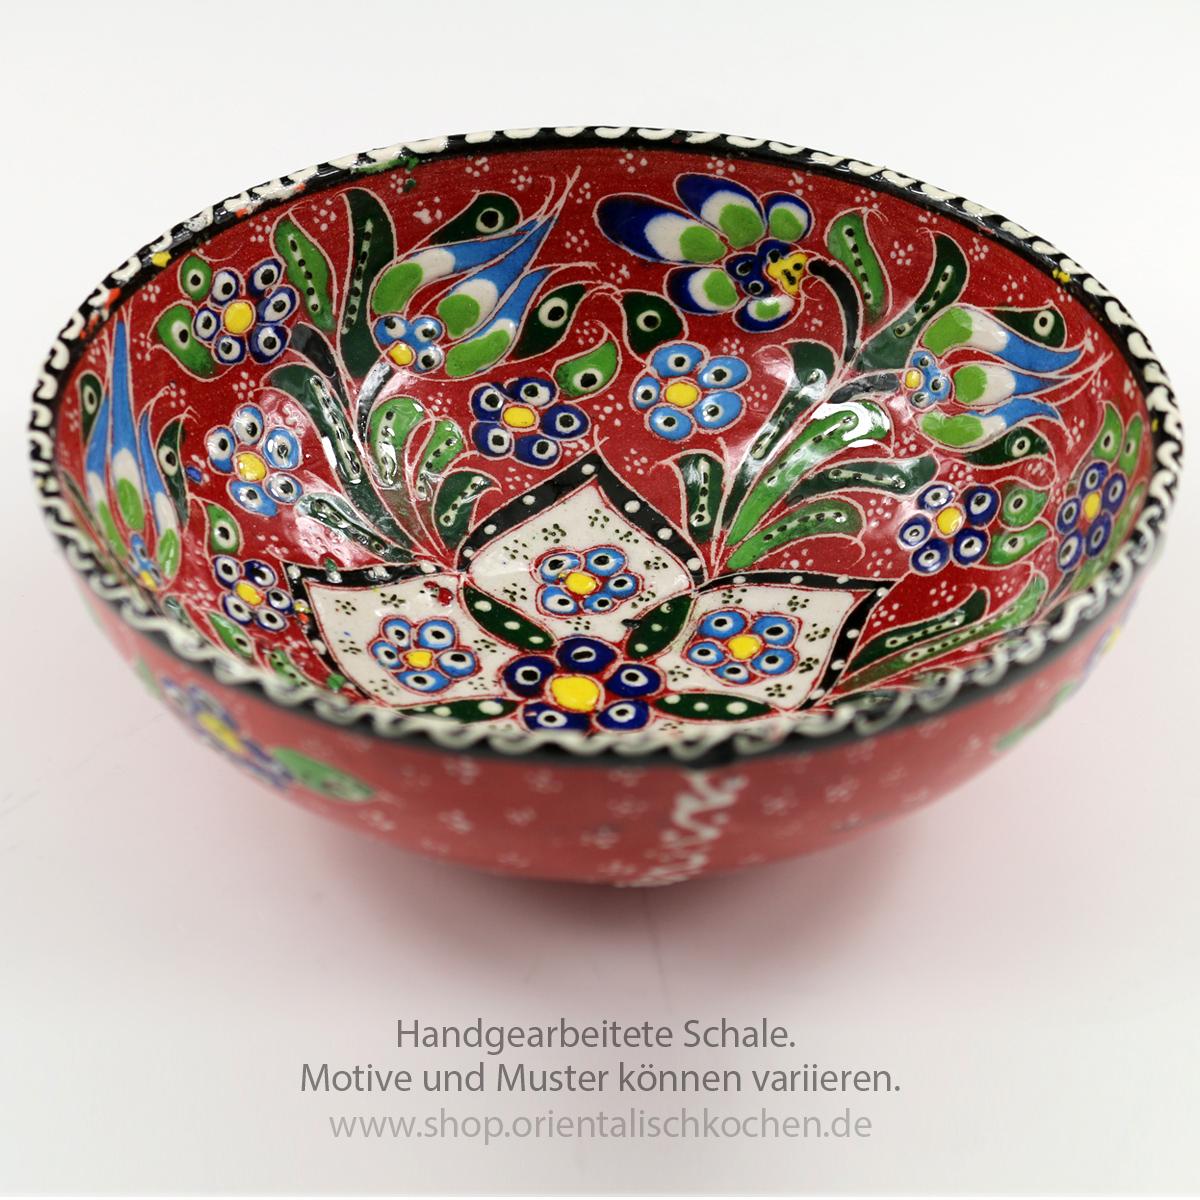 Keramikschalen bei Orientalischkochen, 21465 Wentorf